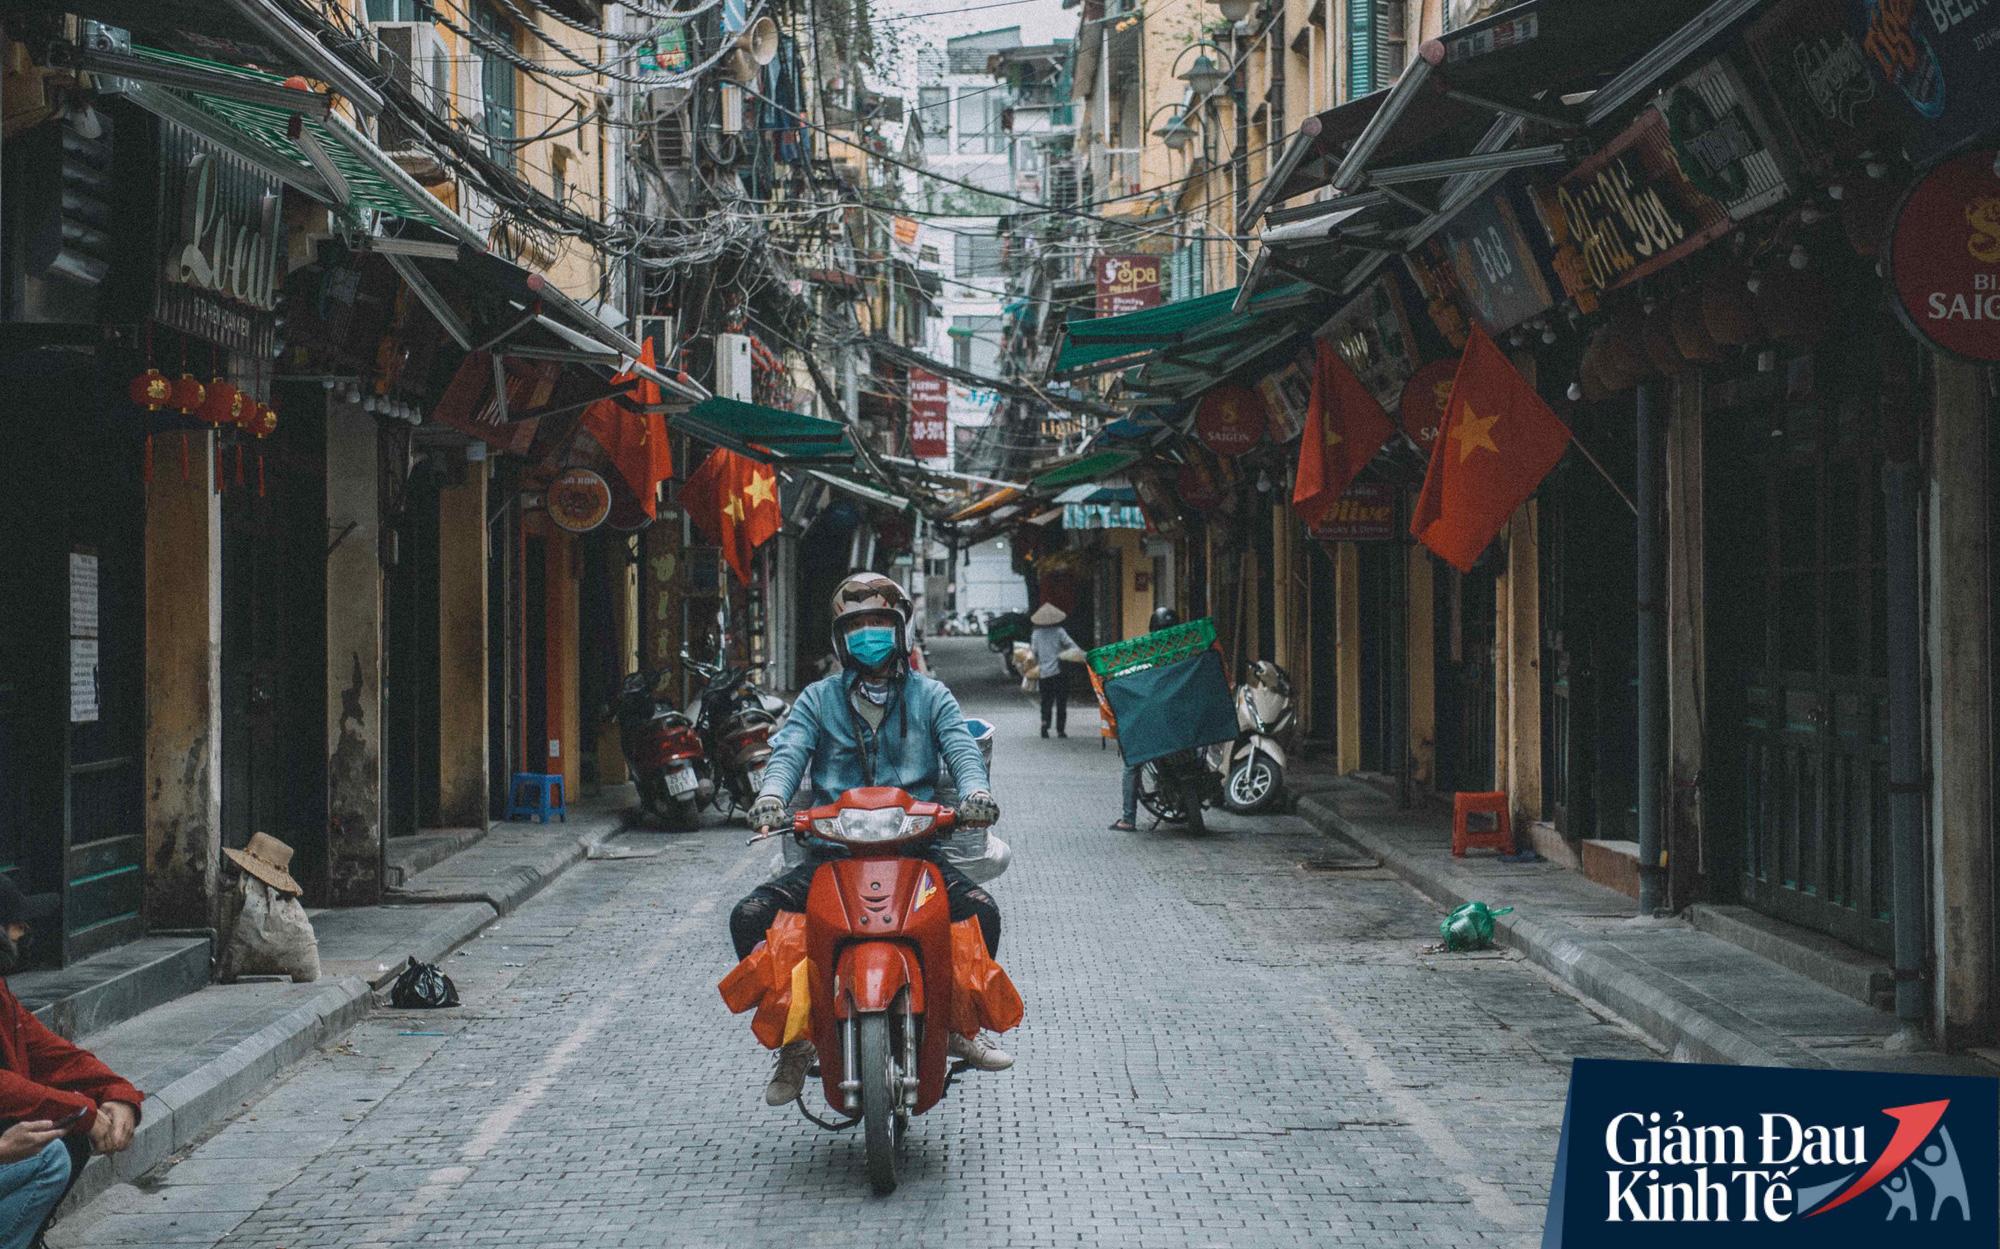 Giá dầu giảm sâu tác động thế nào đến kinh tế Việt Nam?